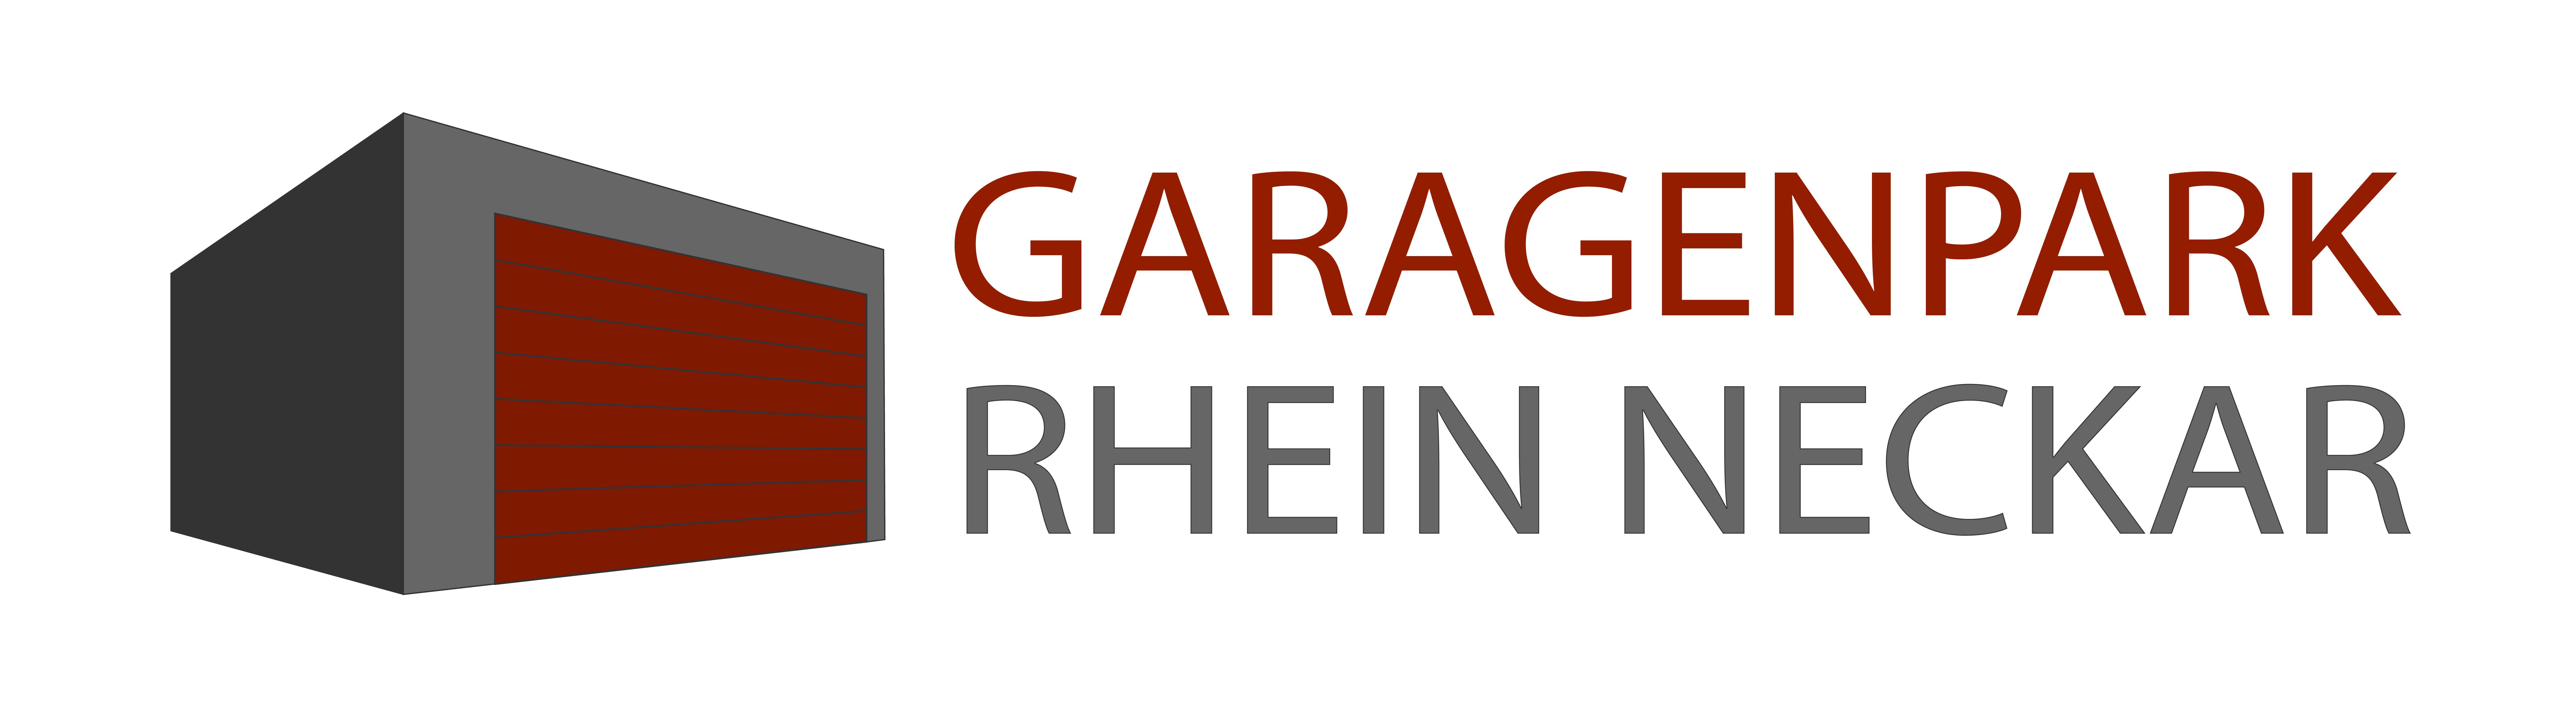 Garagenpark Rhein-Neckar